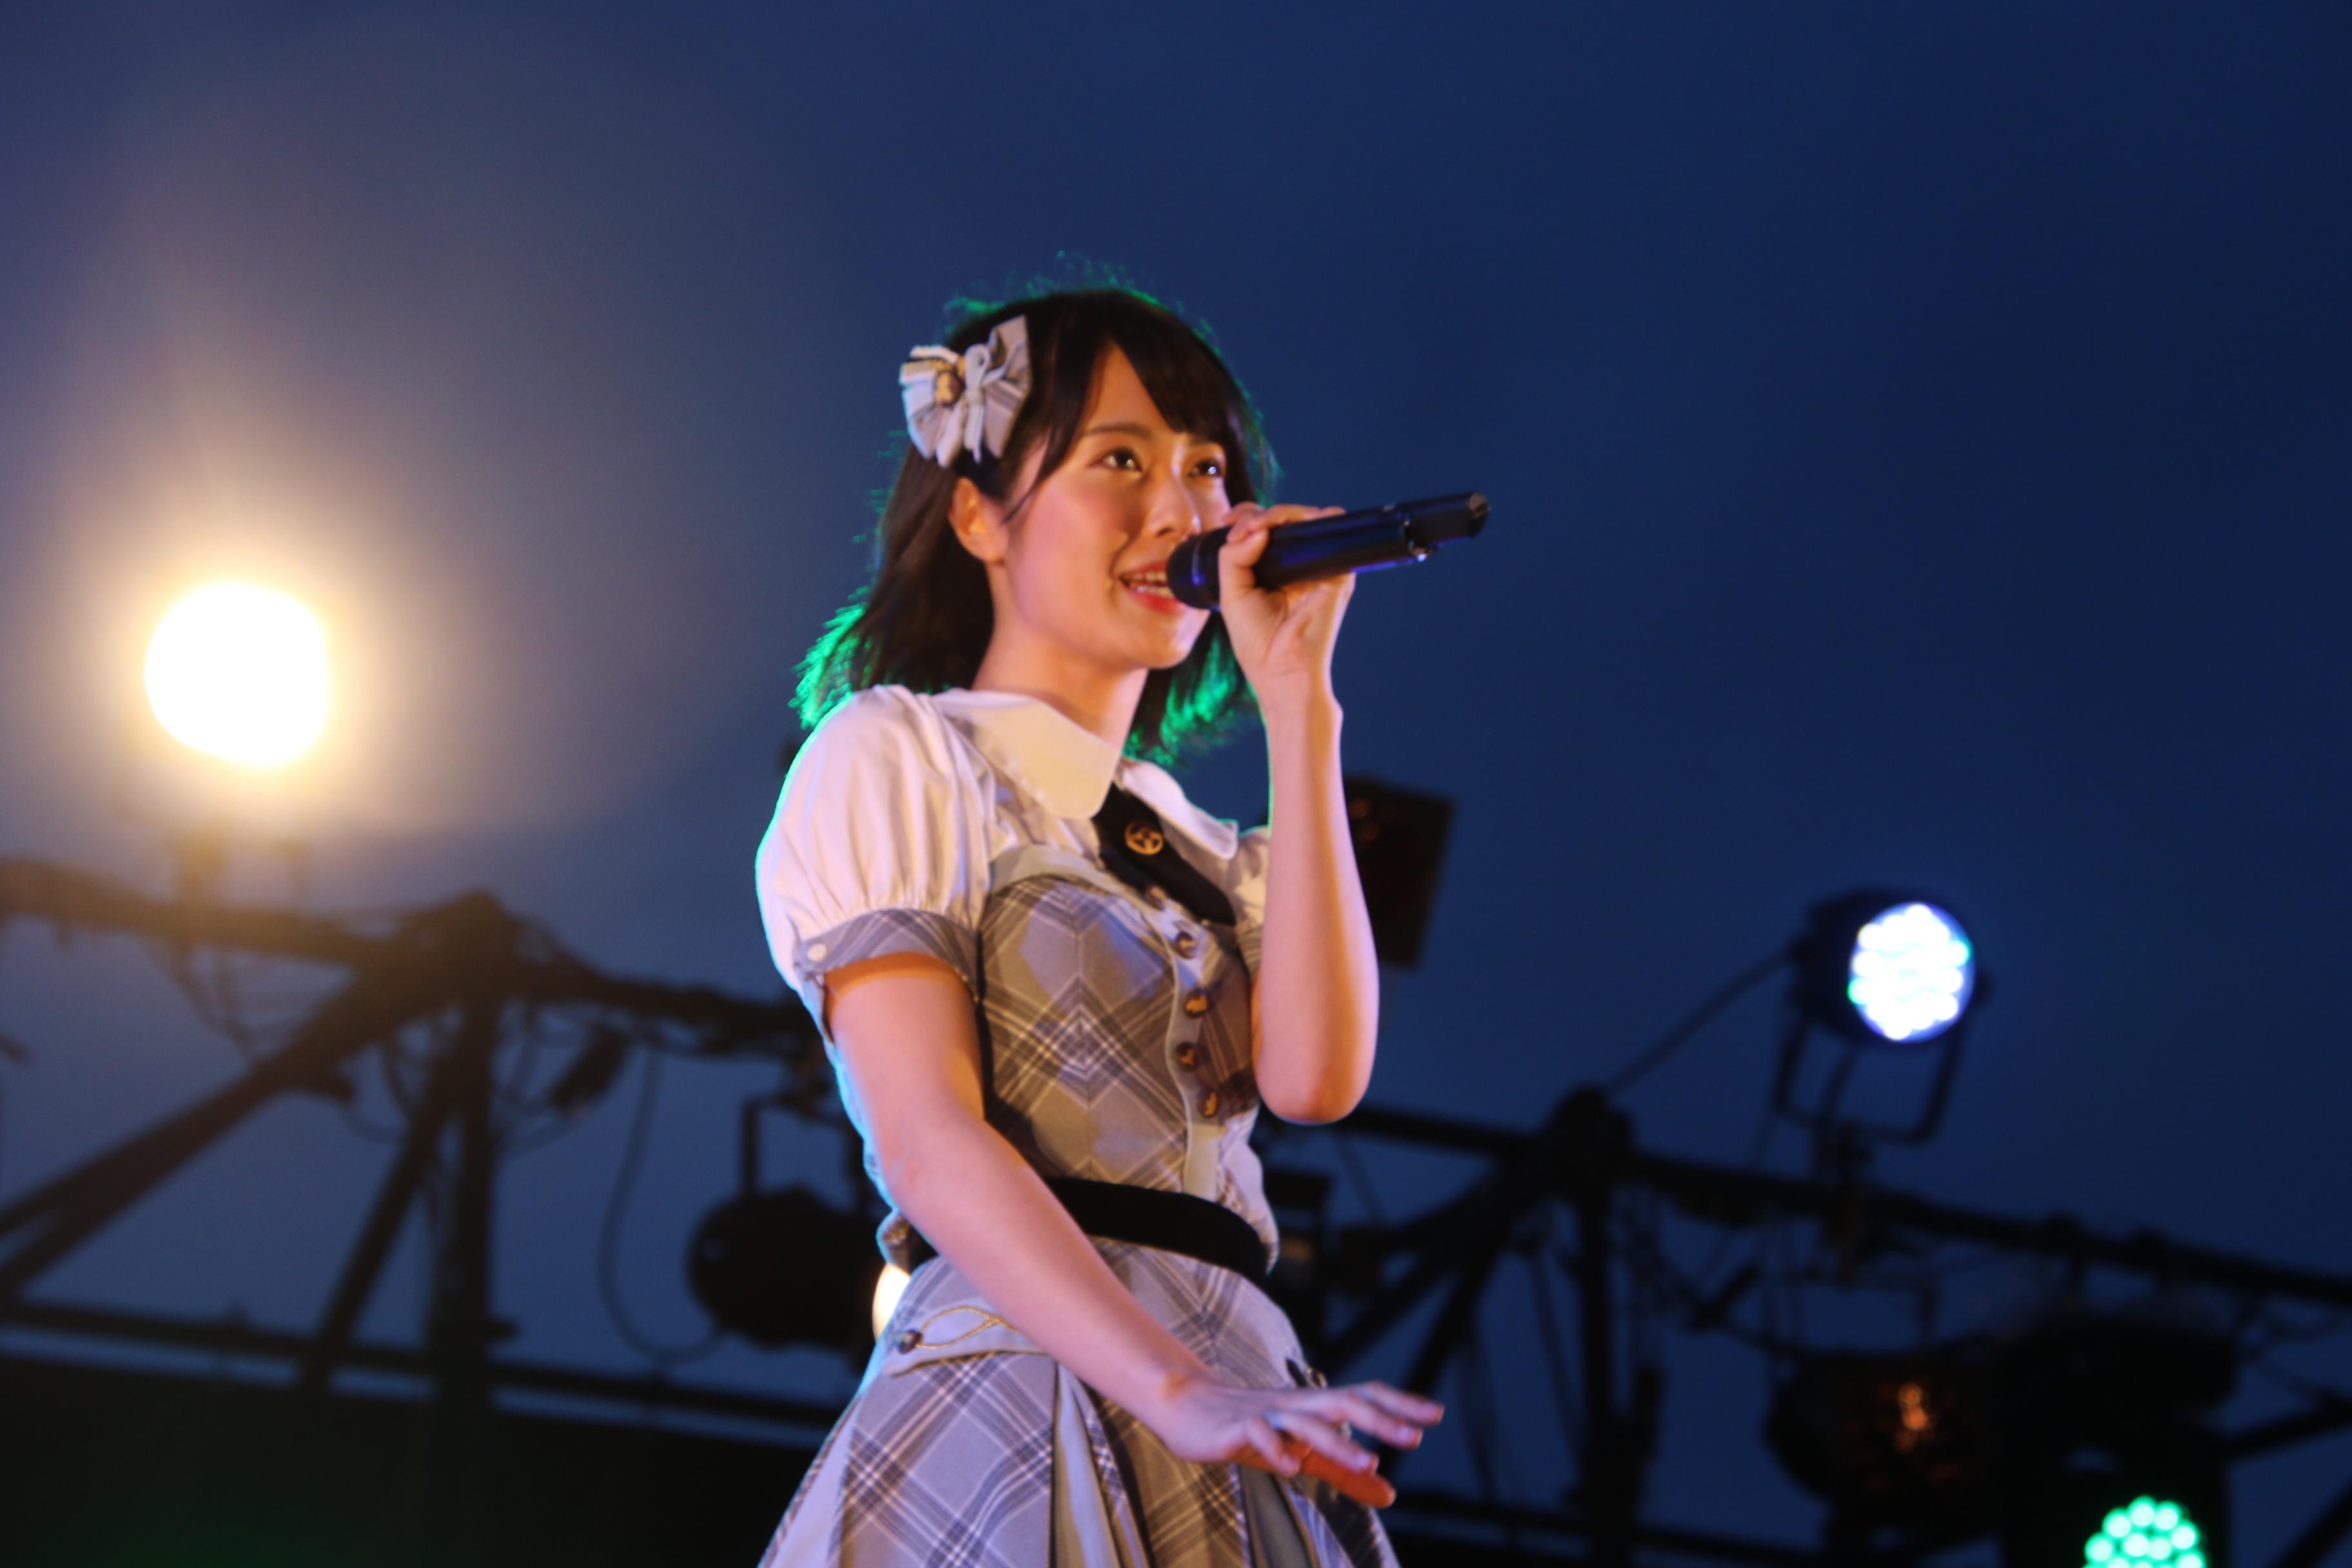 「Choose Me!」をソロで披露する歌姫・小田えりな